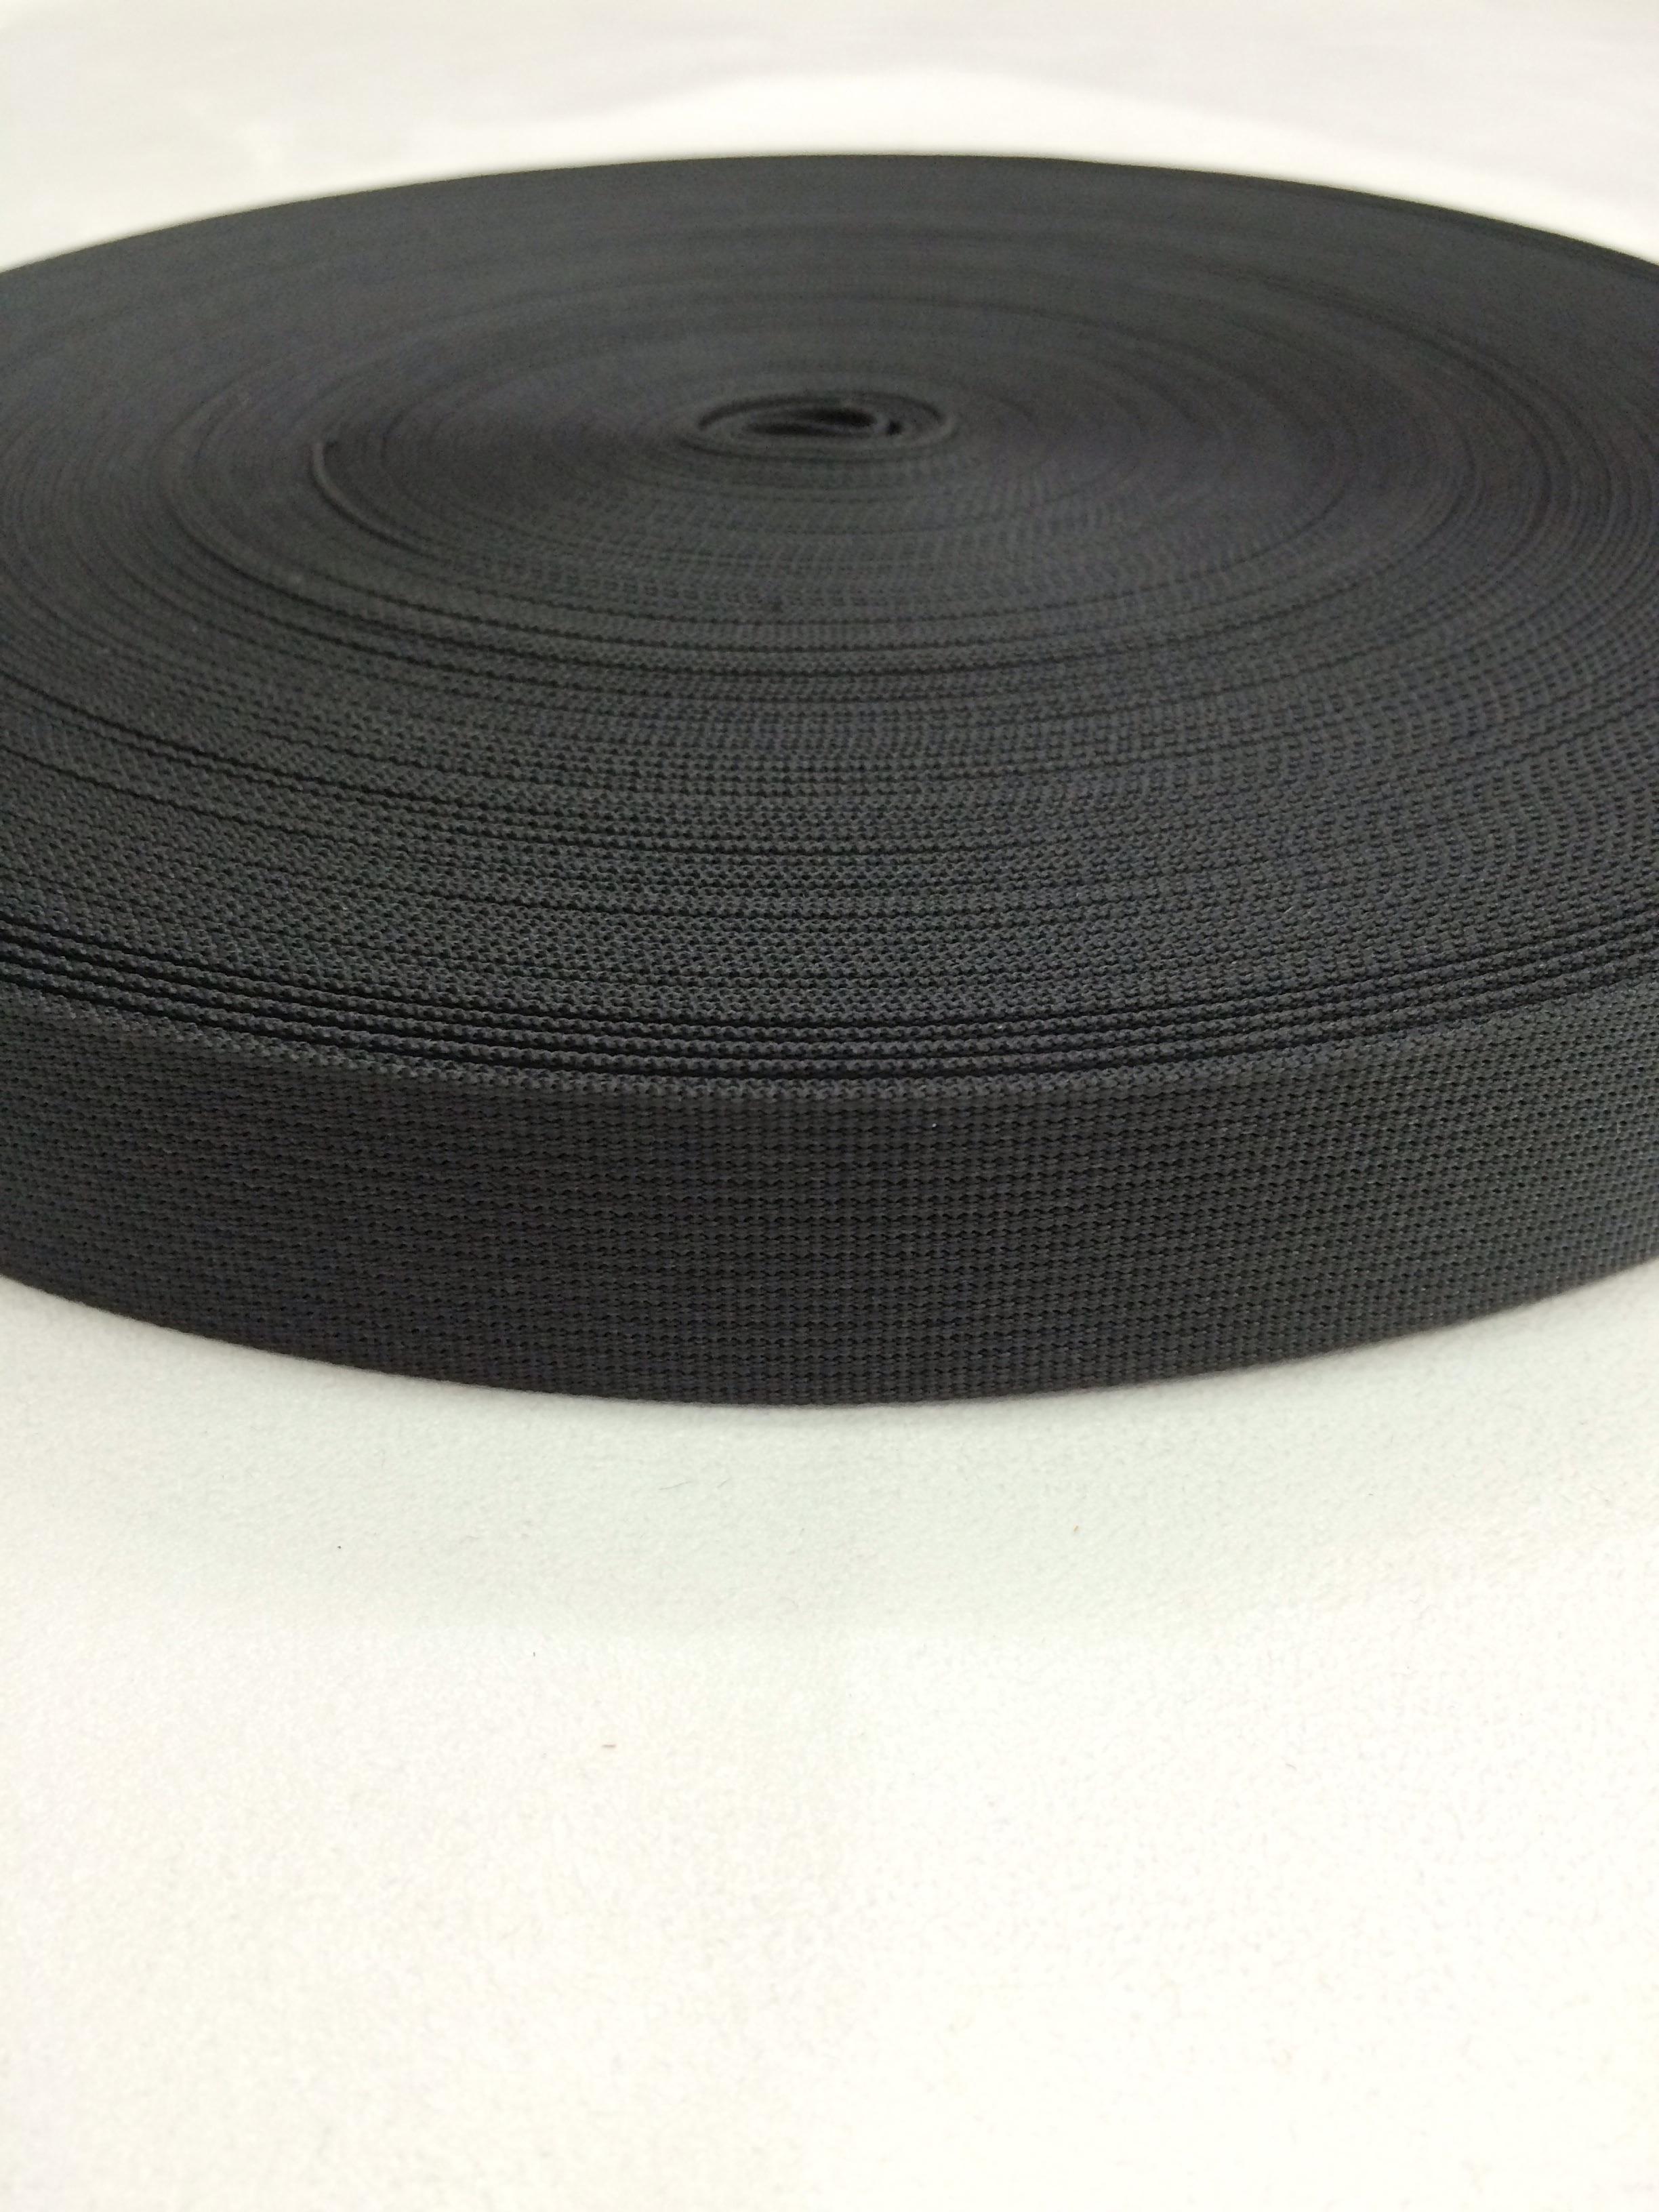 ナイロンテープ 高密度 25mm幅 1mm厚 黒 1m